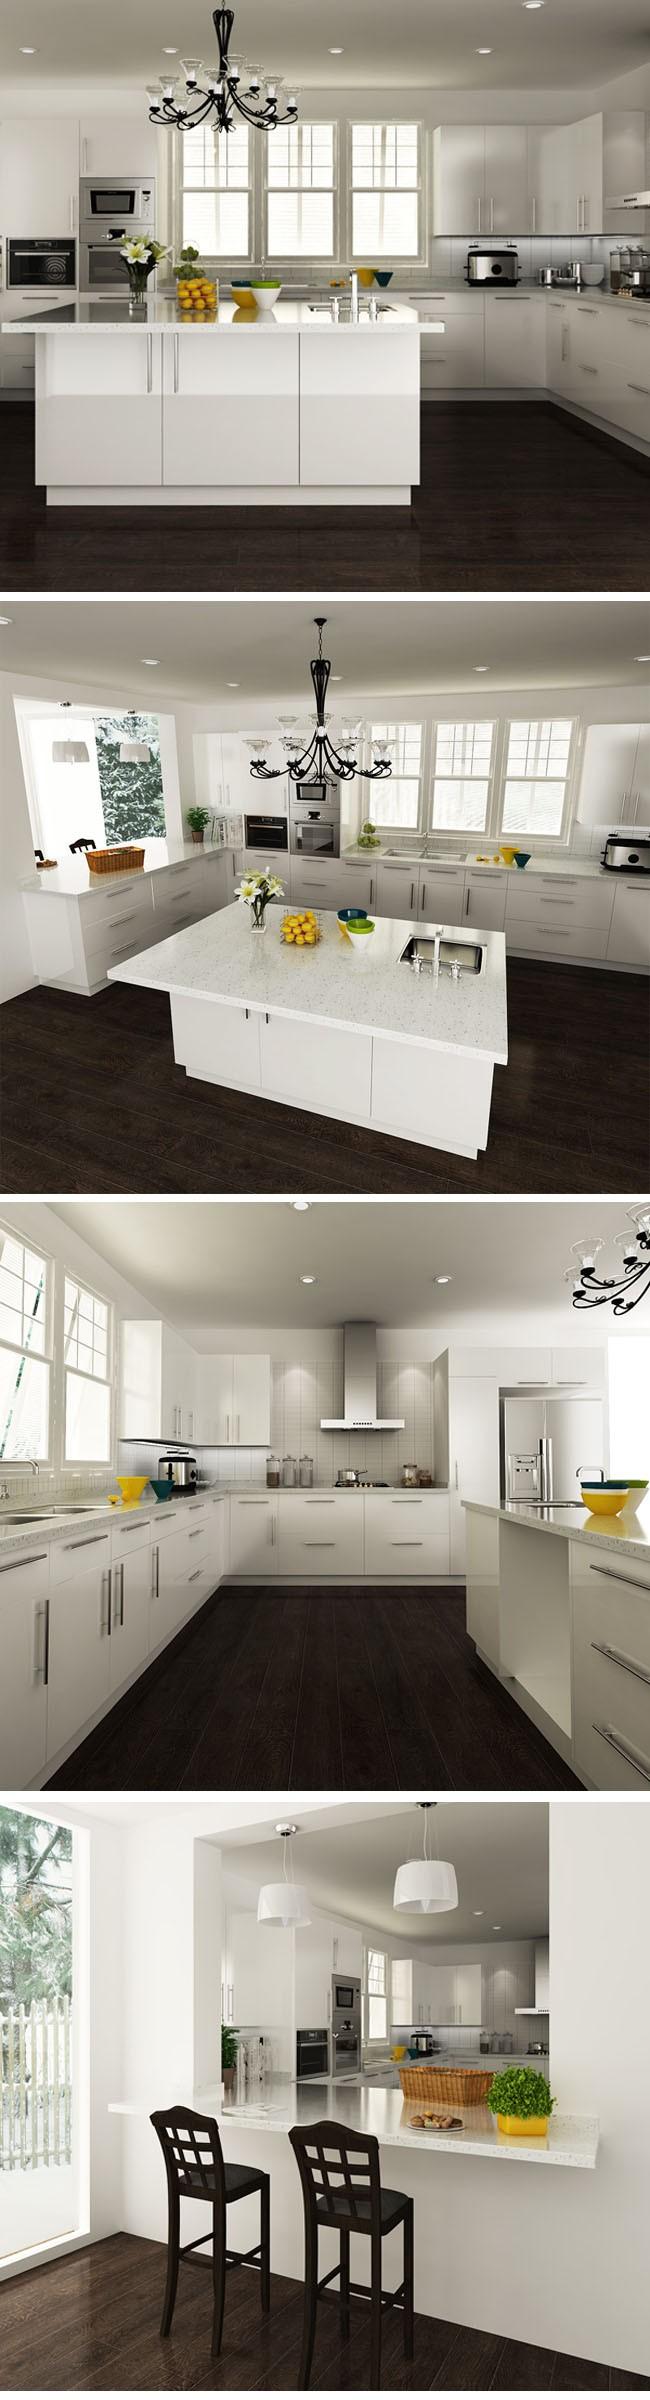 Kitchen Furniture Australia Australia Modern Villa Project High Gloss Lacquer Kitchen Cabinets